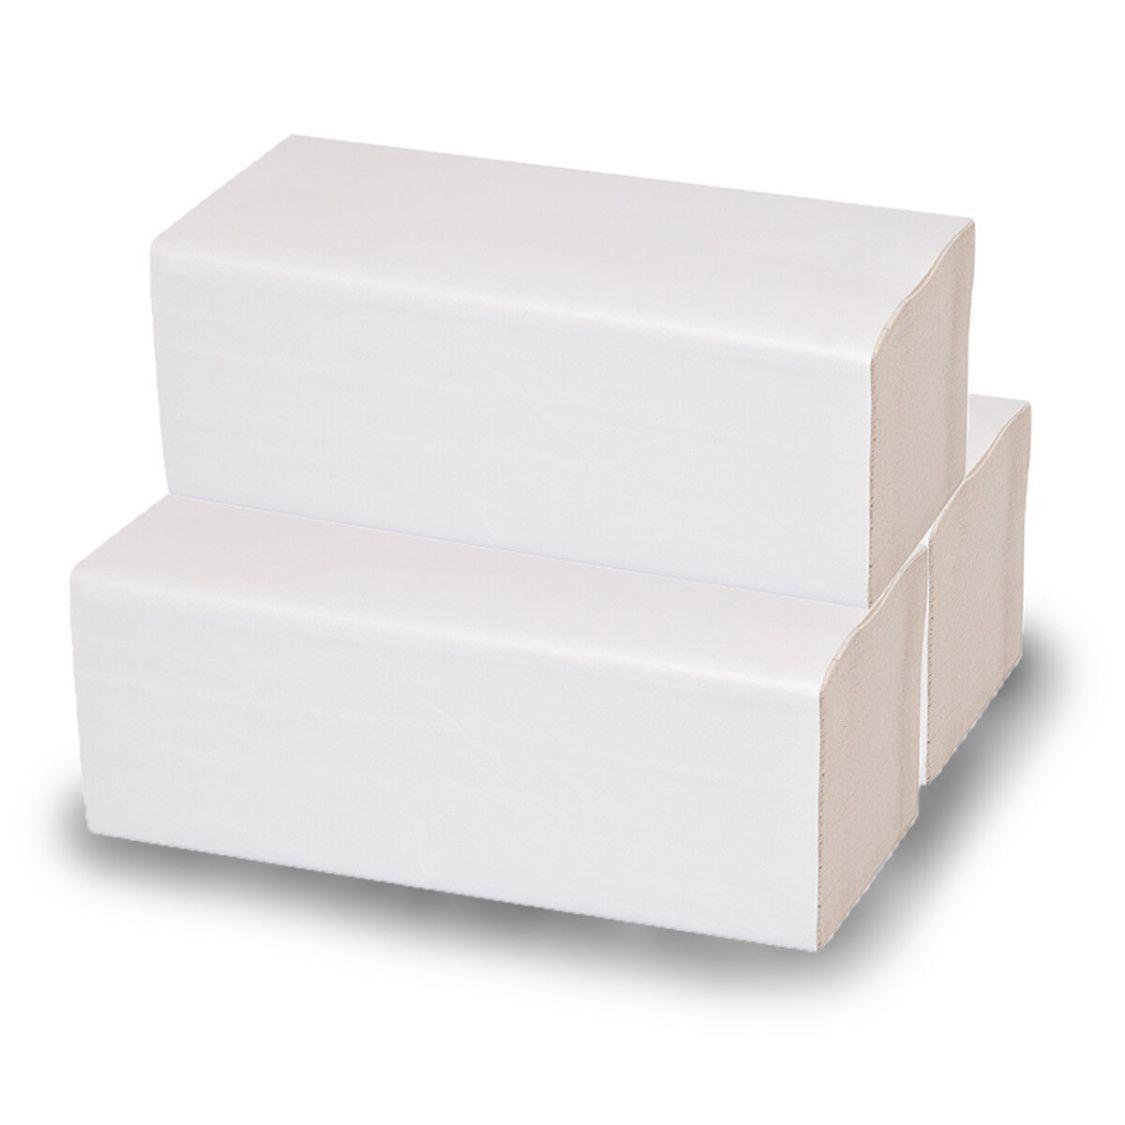 Papierhandtücher 2-lagig [160 - 3.200 Blatt] Falthandtücher 25x23cm weiß ZZ-Falz